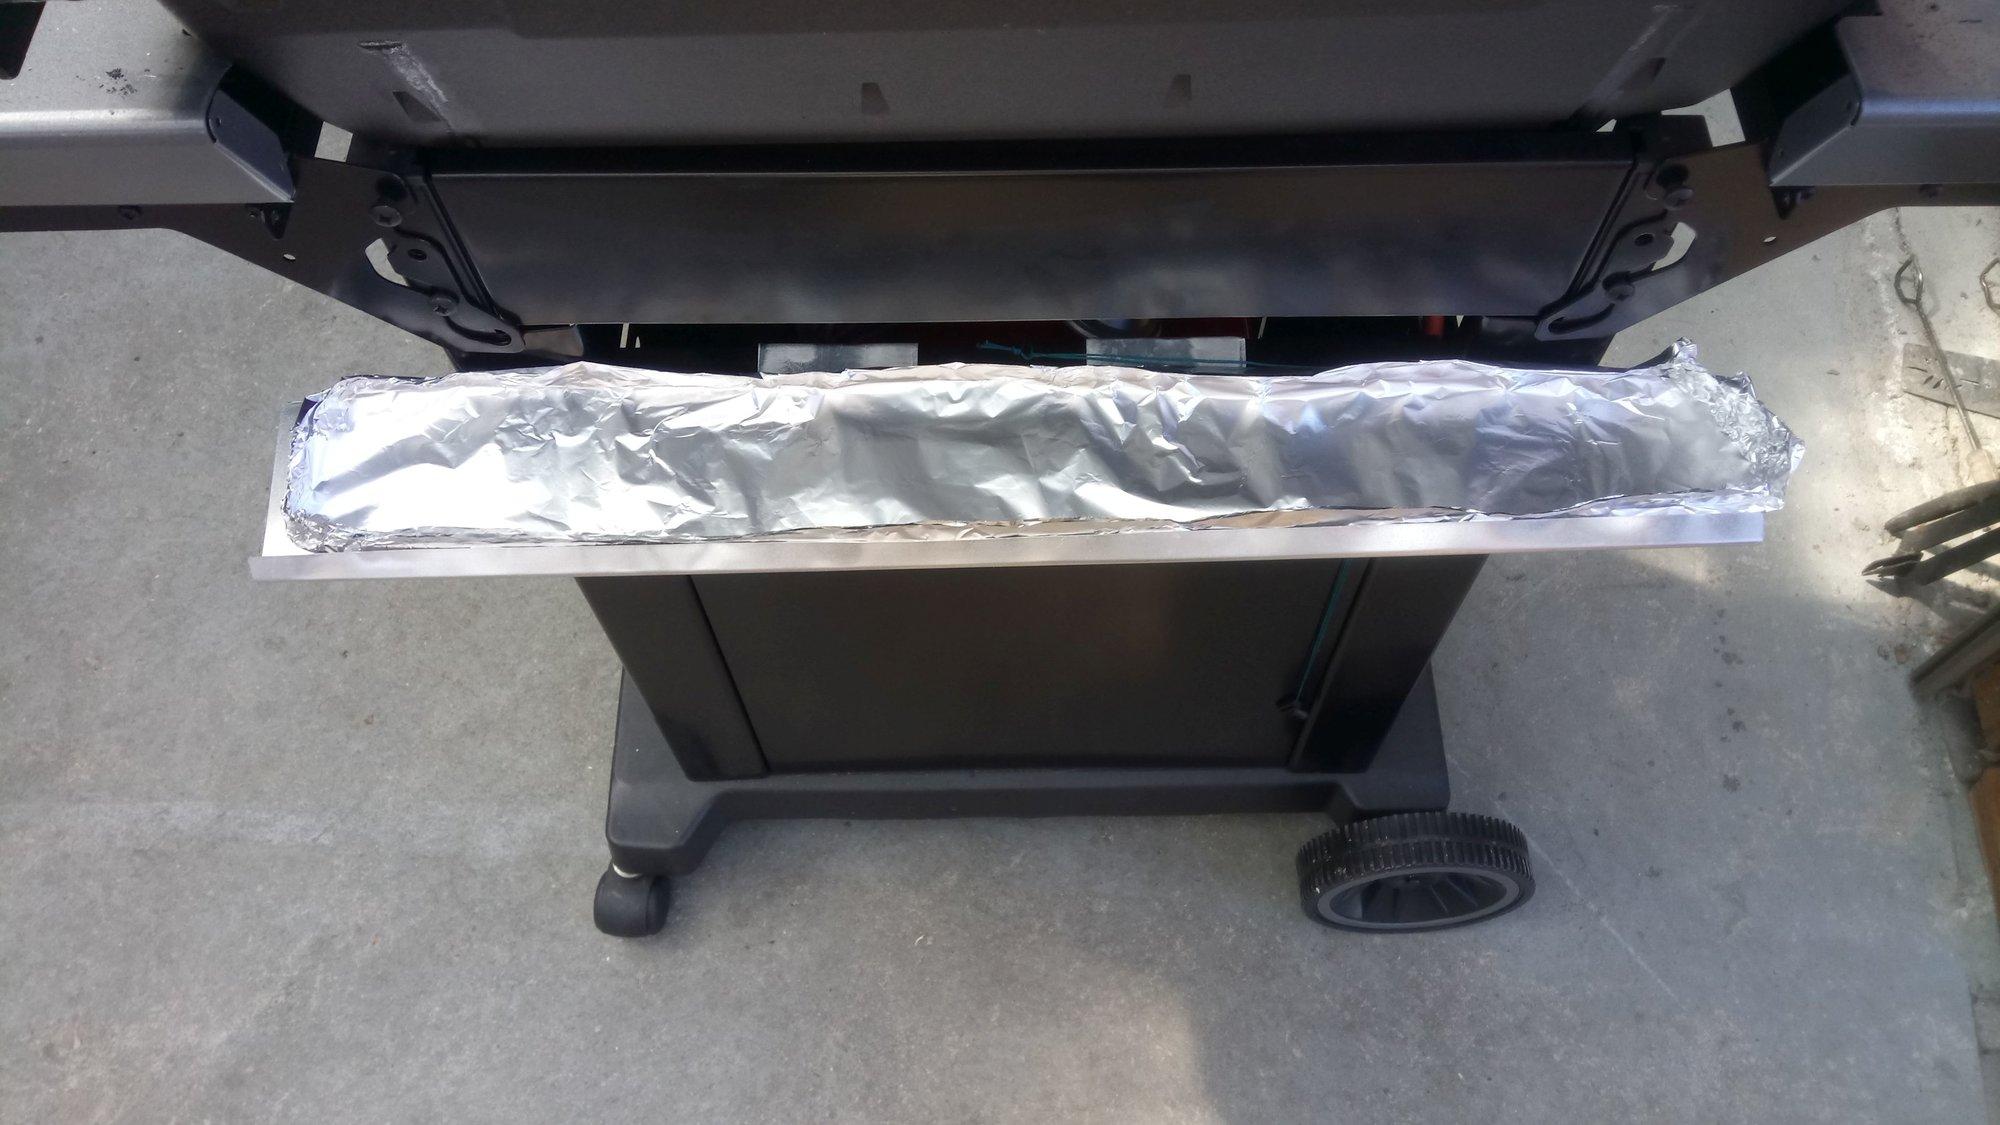 Tropfblech Deckel am Grill montiert mit Alufolie.jpg